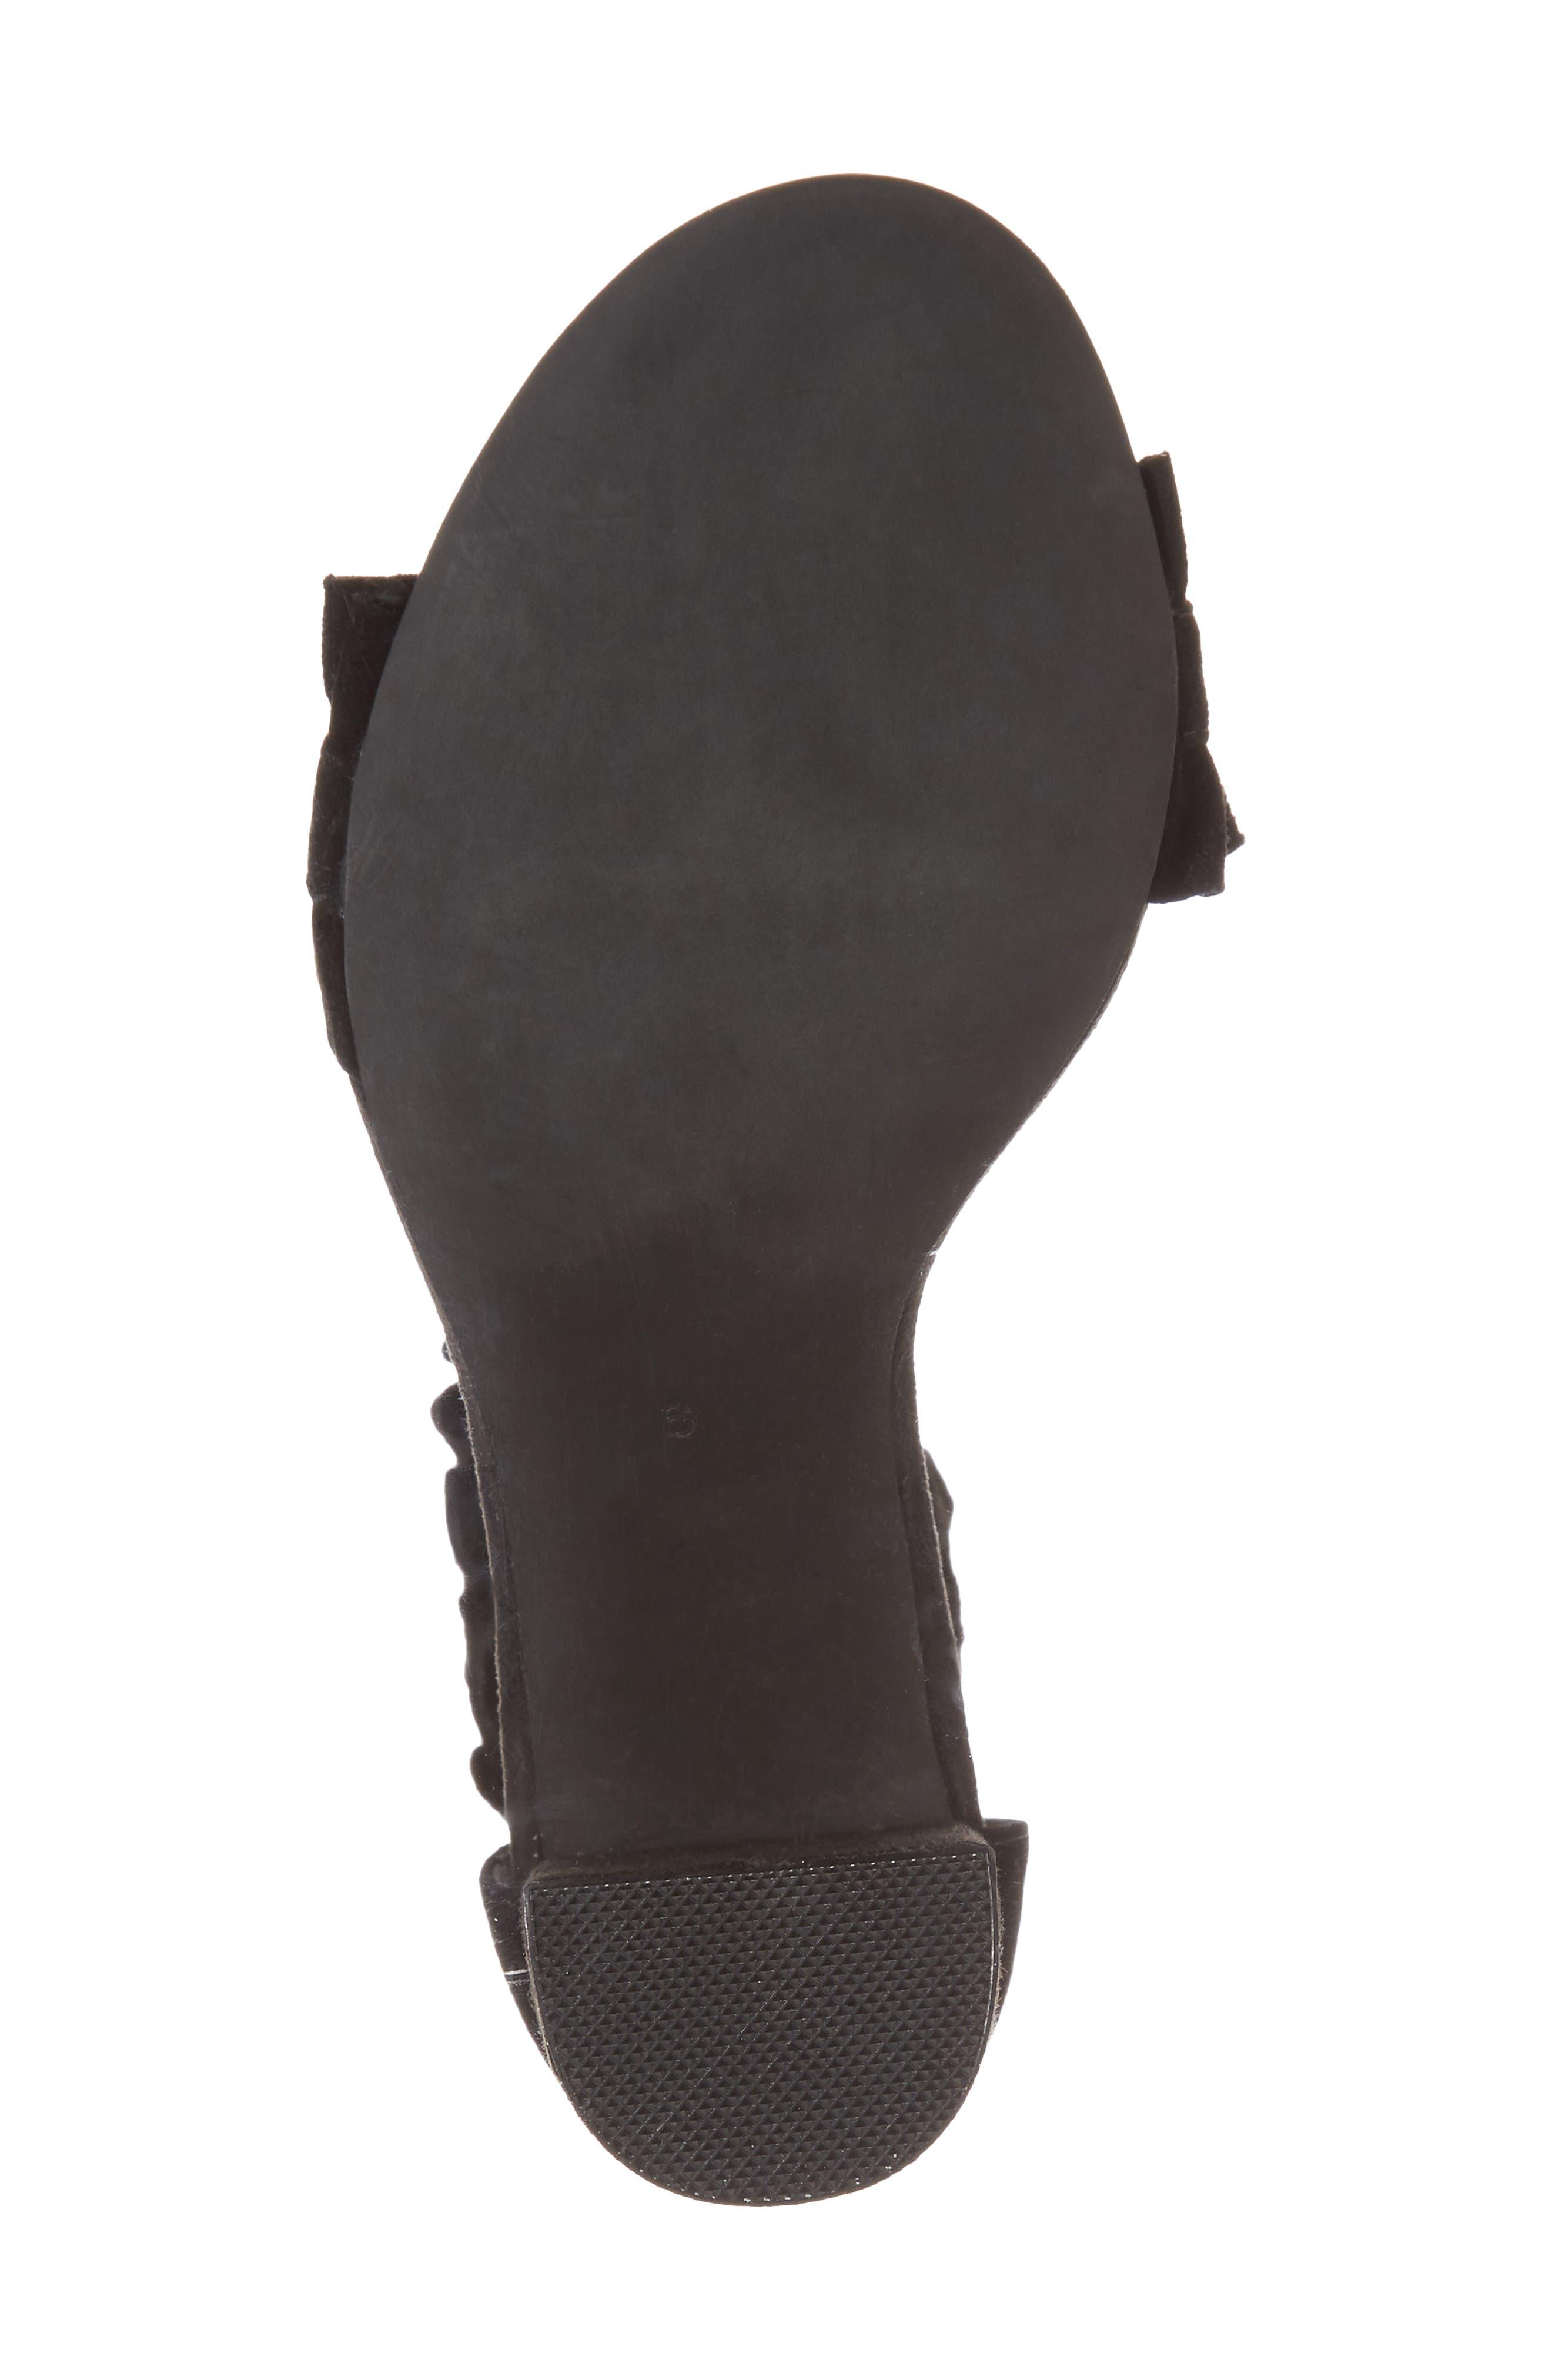 Lindsay Dome Studded Sandal,                             Alternate thumbnail 6, color,                             Black Suede